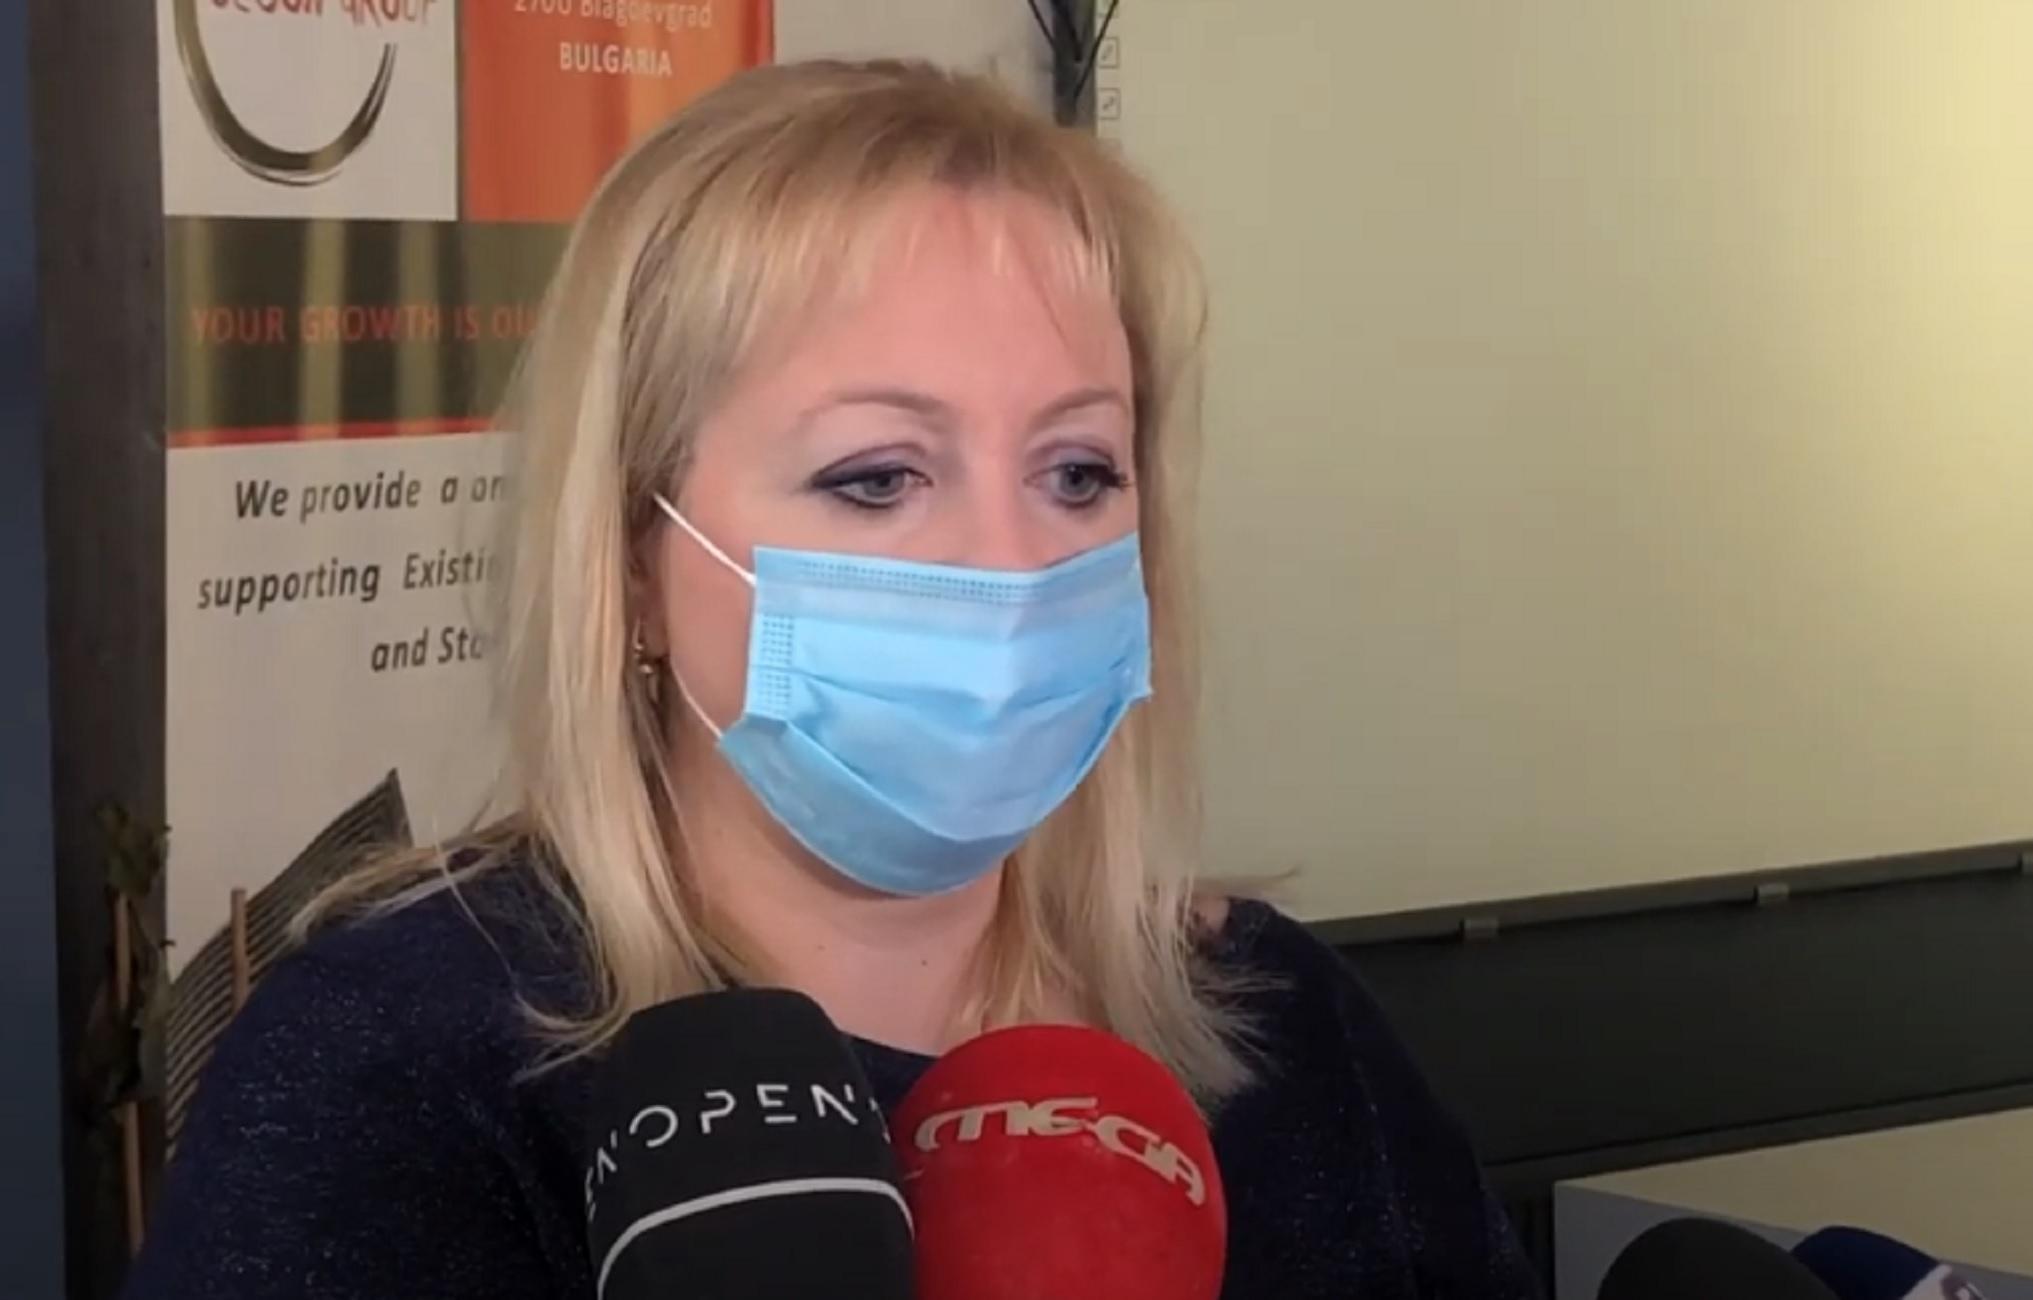 Θεσσαλονίκη: Πρώην φοιτήτρια ξεσπάει στην κάμερα για τον καθηγητή του ΑΠΘ – «Θυμάμαι ακόμα τη σεξουαλική παρενόχληση» (video)